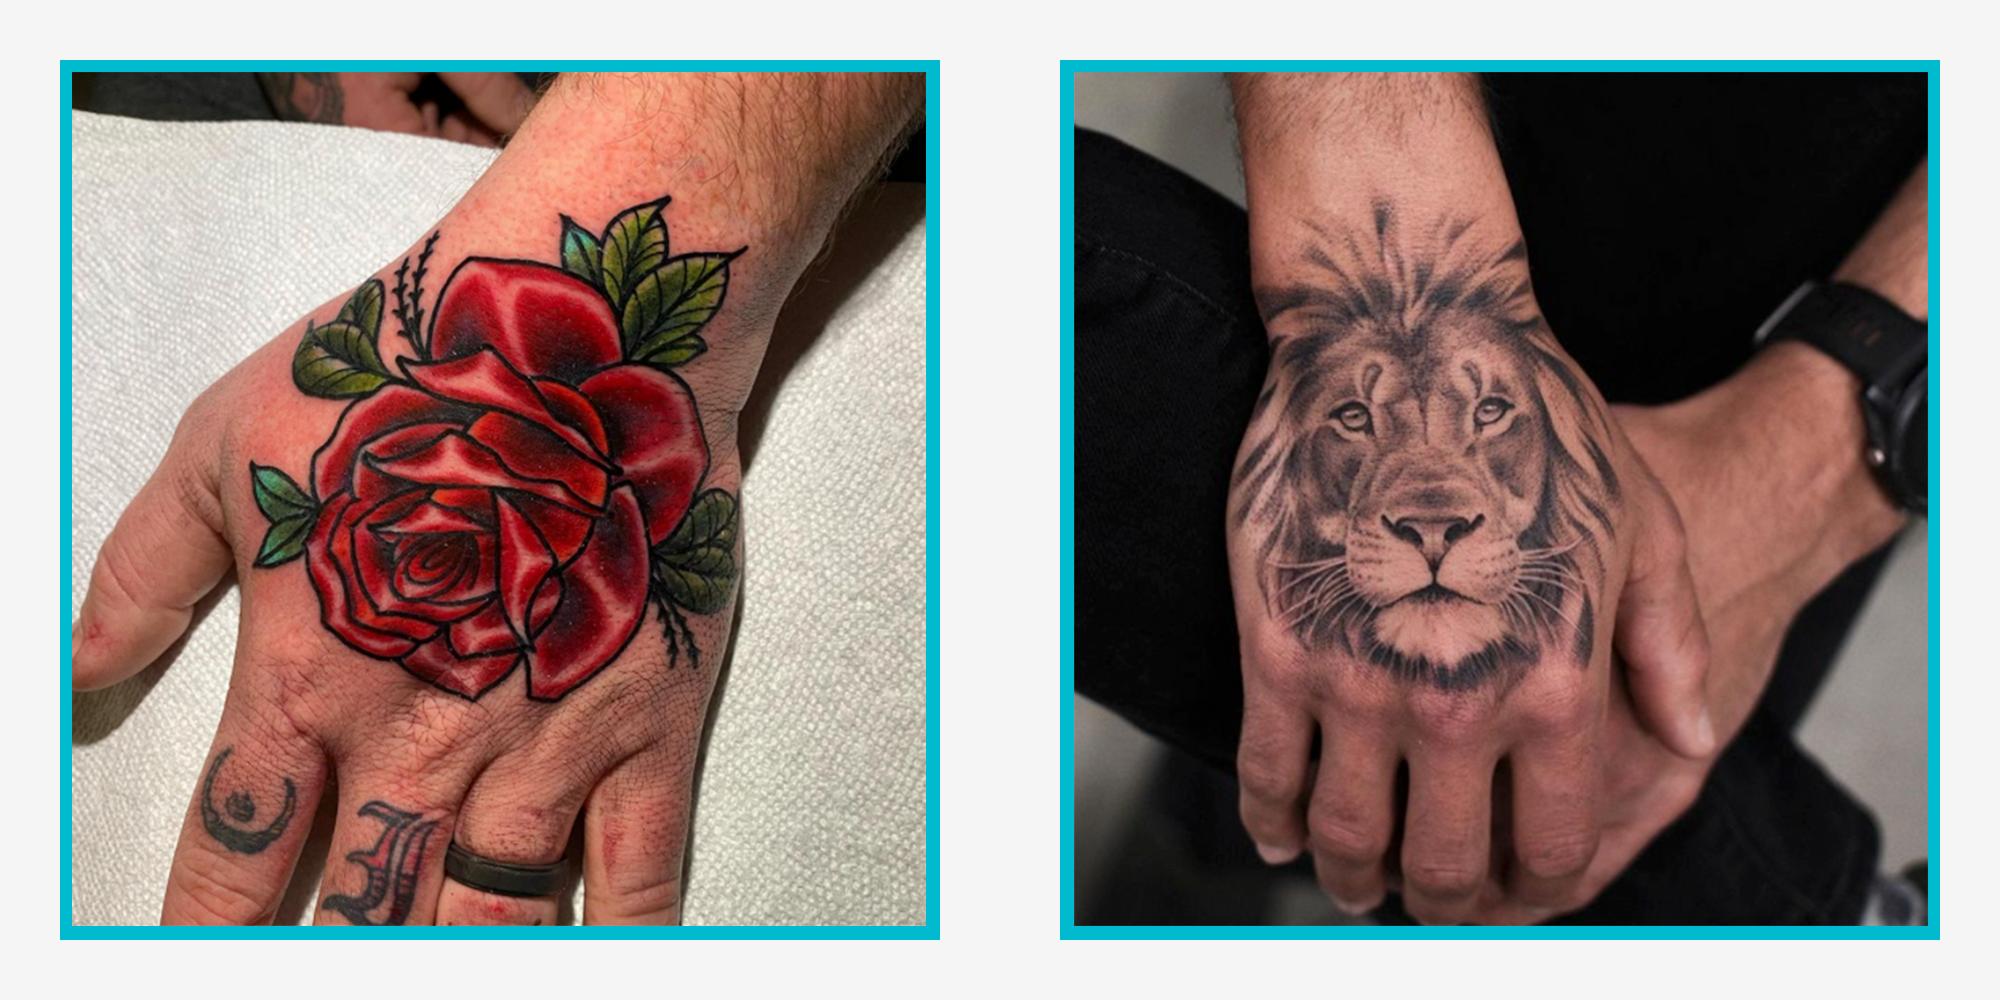 20 Best Hand Tattoos for Men 20   Full Hand and Finger Ideas